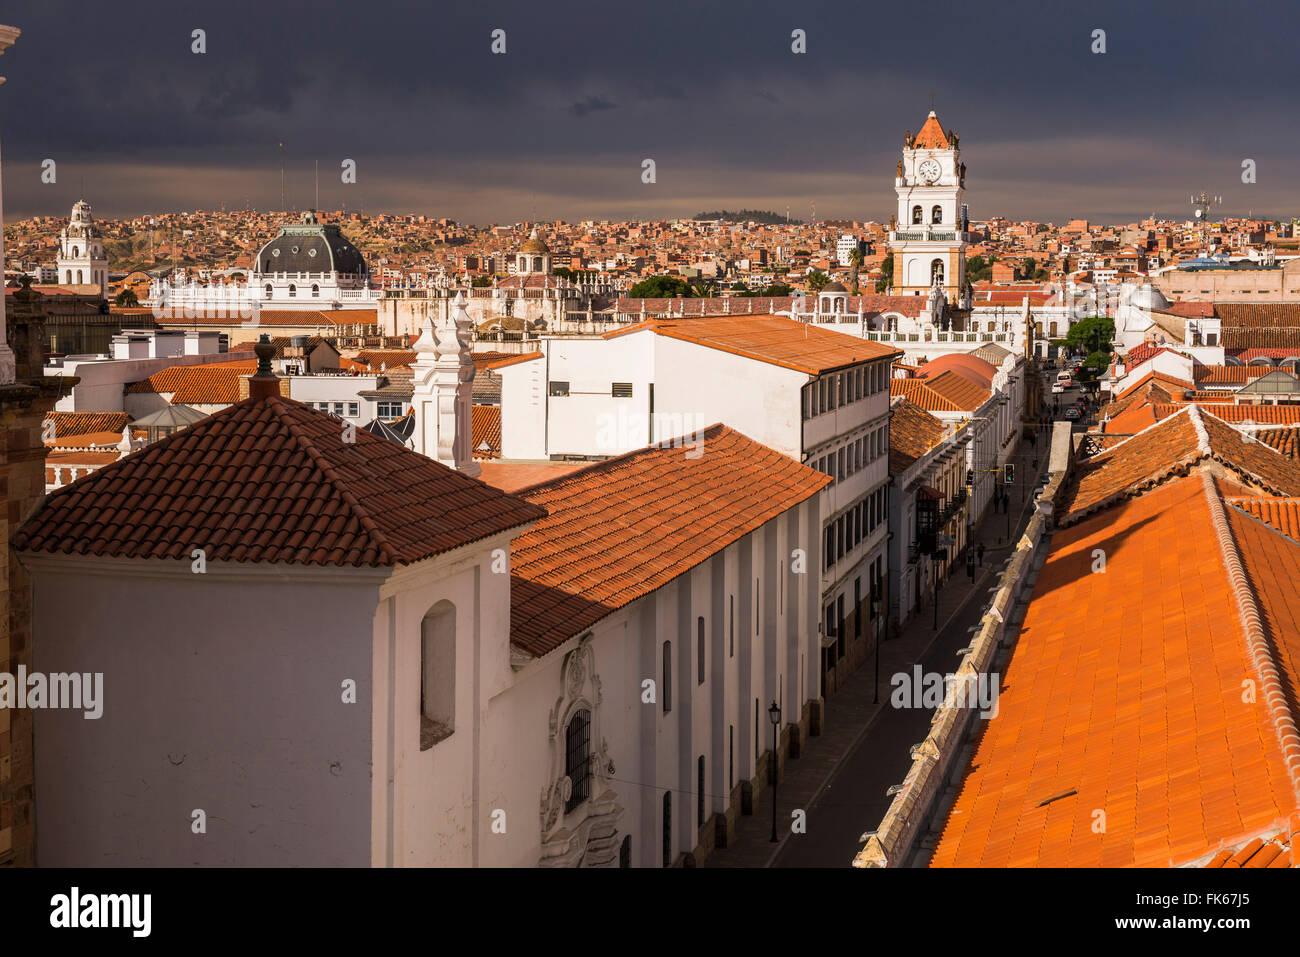 Historische Stadt von Sucre, gesehen von der Iglesia Nuestra Senora De La Merced (Kirche der Muttergottes der Barmherzigkeit), Stockbild